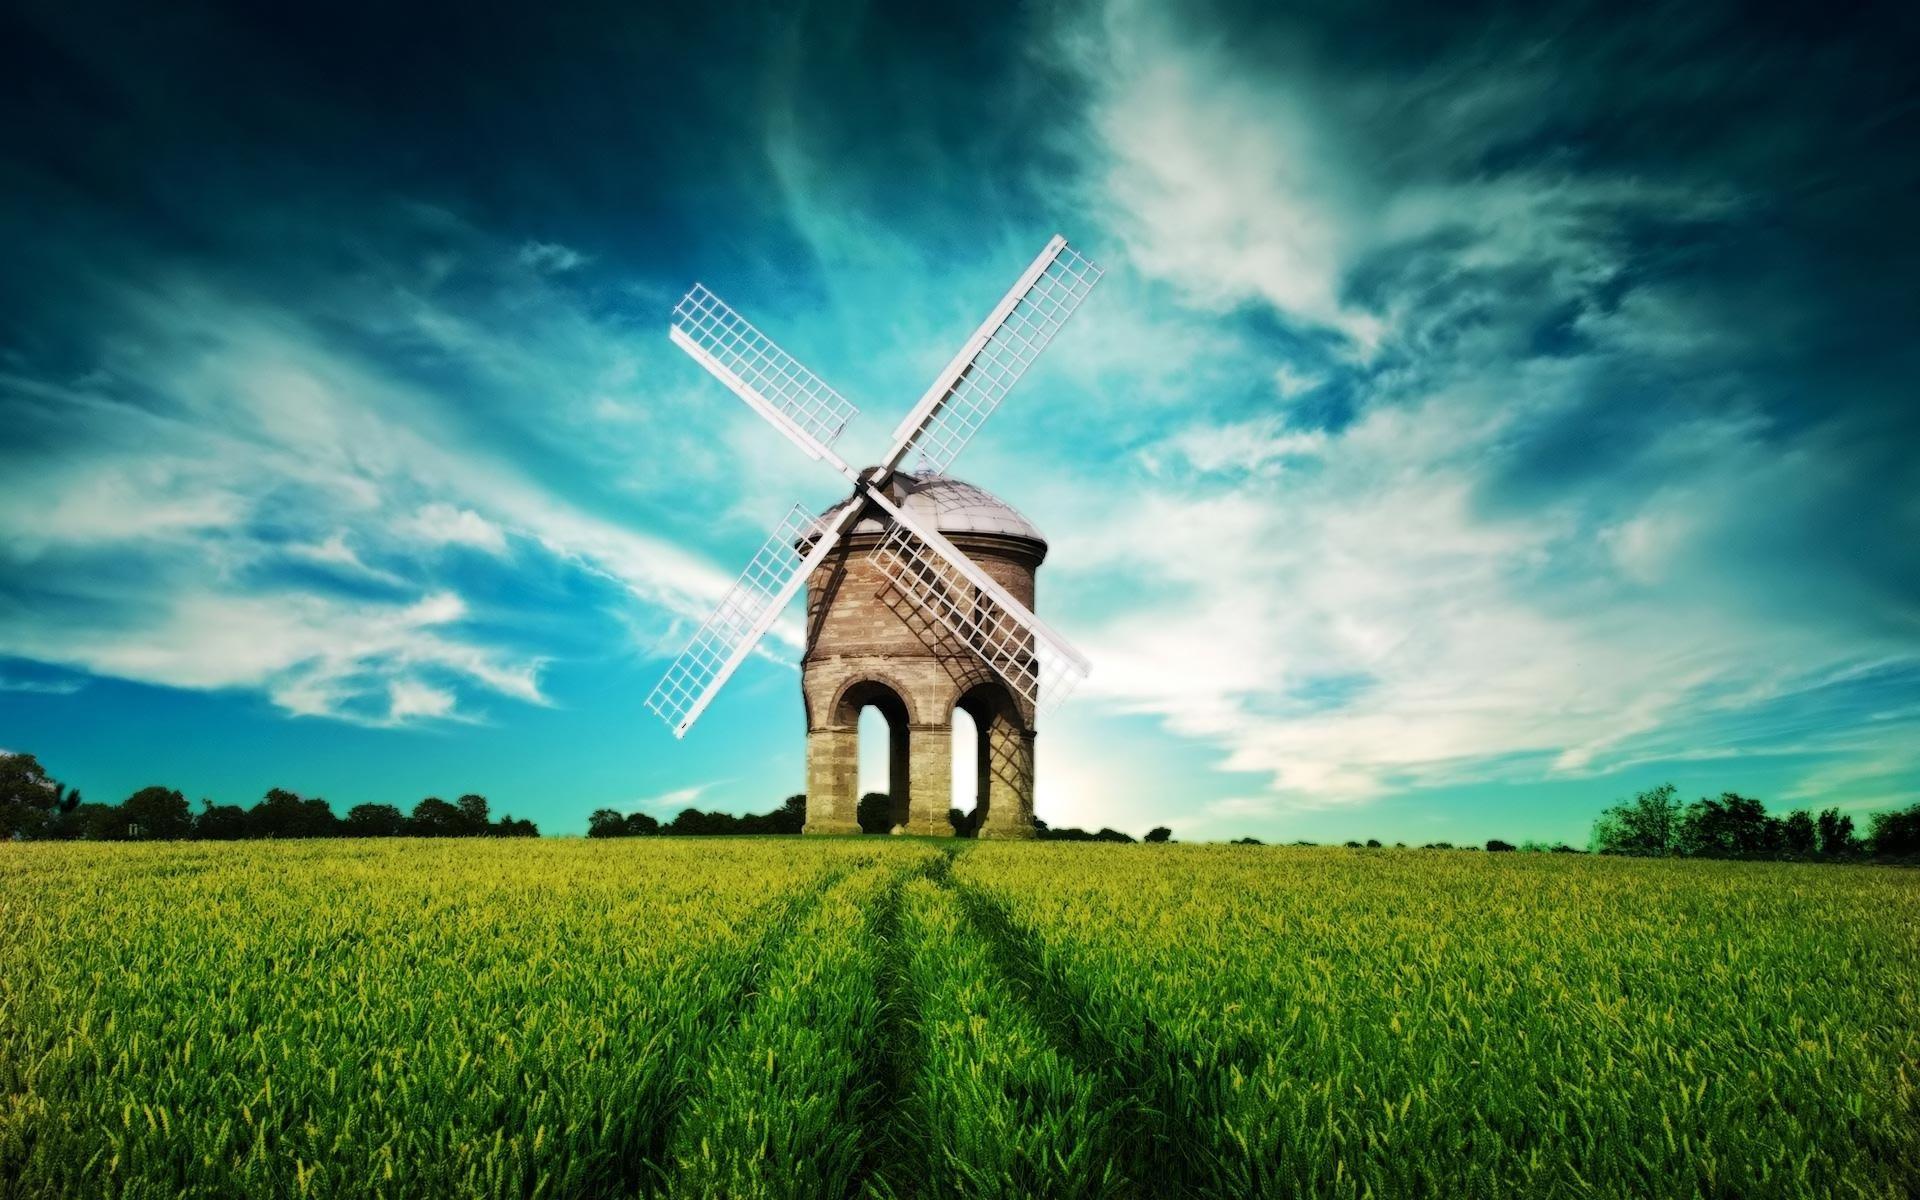 Windmill Clipart · Dutch Windmill Wallpaper …